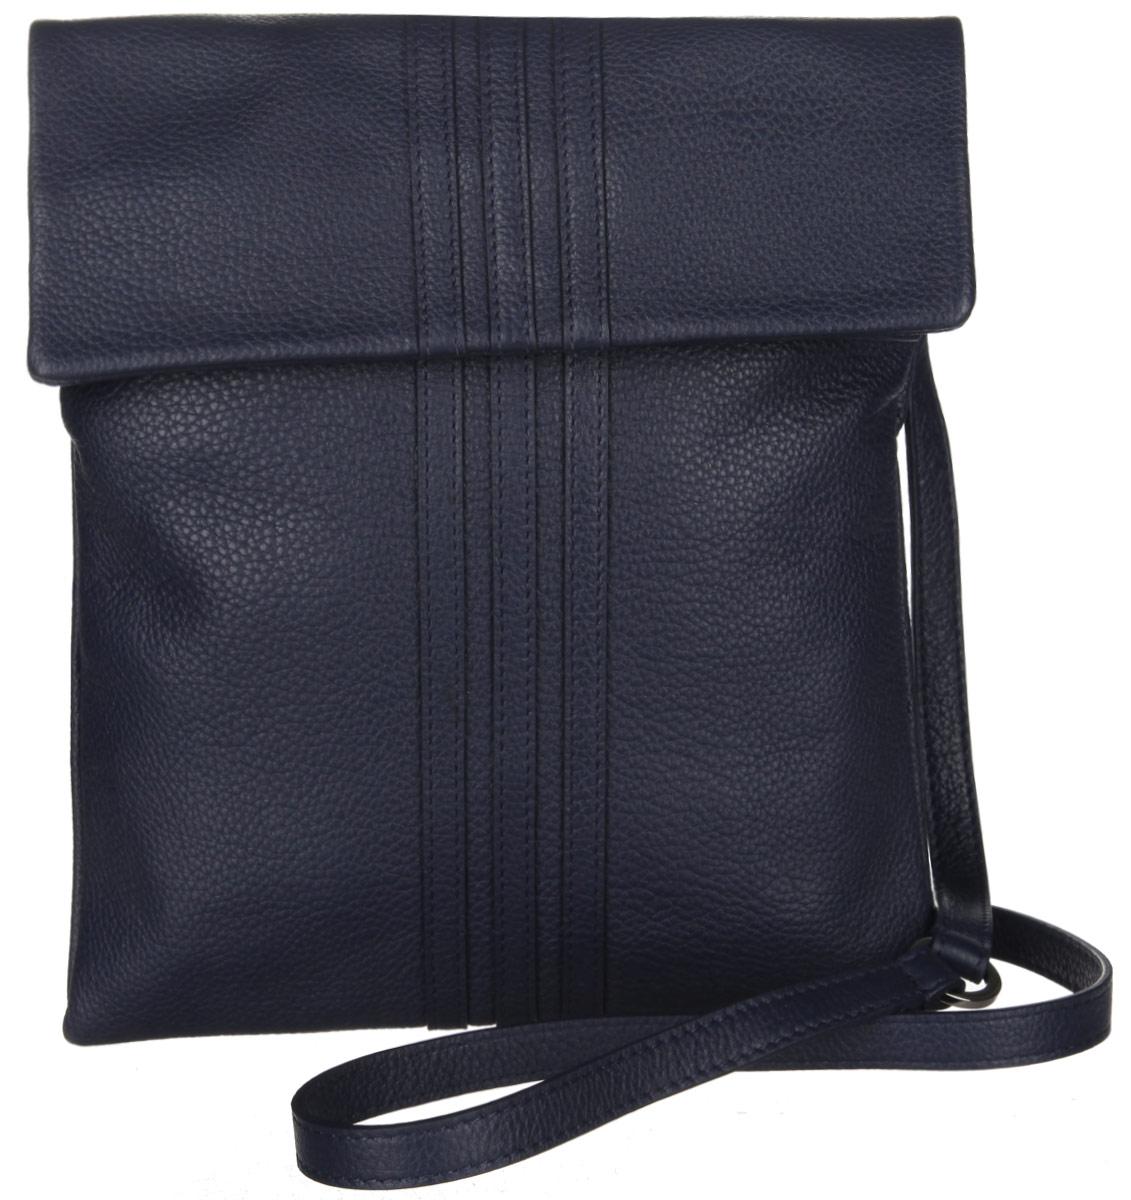 Сумка женская Pimobetti, цвет: темно-синий. 13335BL13335BLСтильная женская сумка Pimobetti выполнена из натуральной кожи с фактурным тиснением. Изделие имеет одно основное отделение, закрывающееся на клапан с магнитной кнопкой. Внутри находится накладной открытый карман и прорезной карман на застежке-молнии. Снаружи, на задней стенке предусмотрен прорезной карман на застежке-молнии. Сумка оснащена плечевым ремнем регулируемой длины. Изделие упаковано в фирменный чехол. Стильная сумка Pimobetti прекрасно дополнит ваш образ.